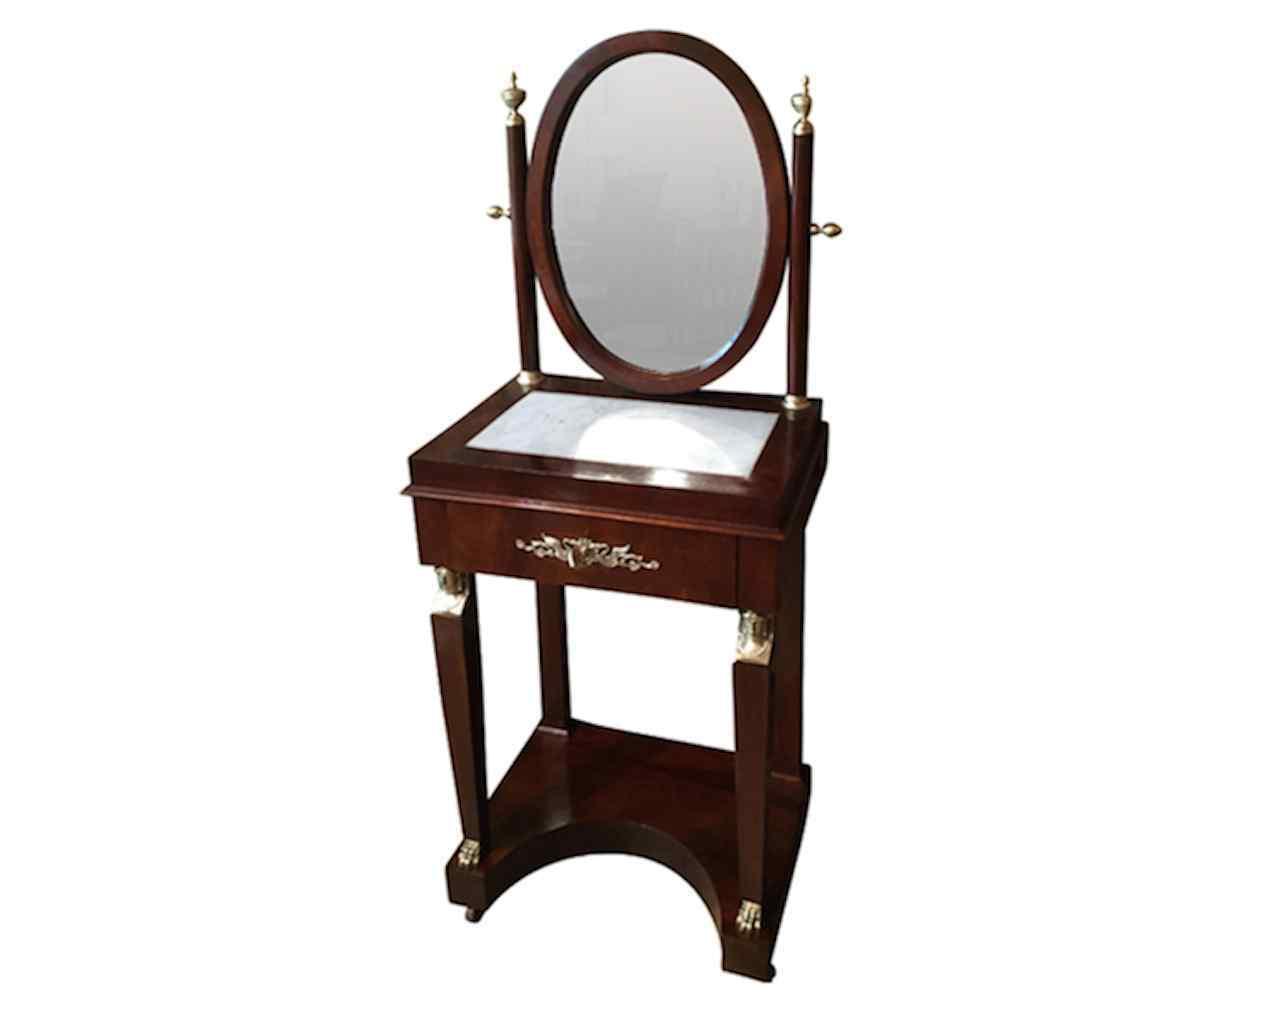 Mobiletto da camera con specchiera in stile Impero